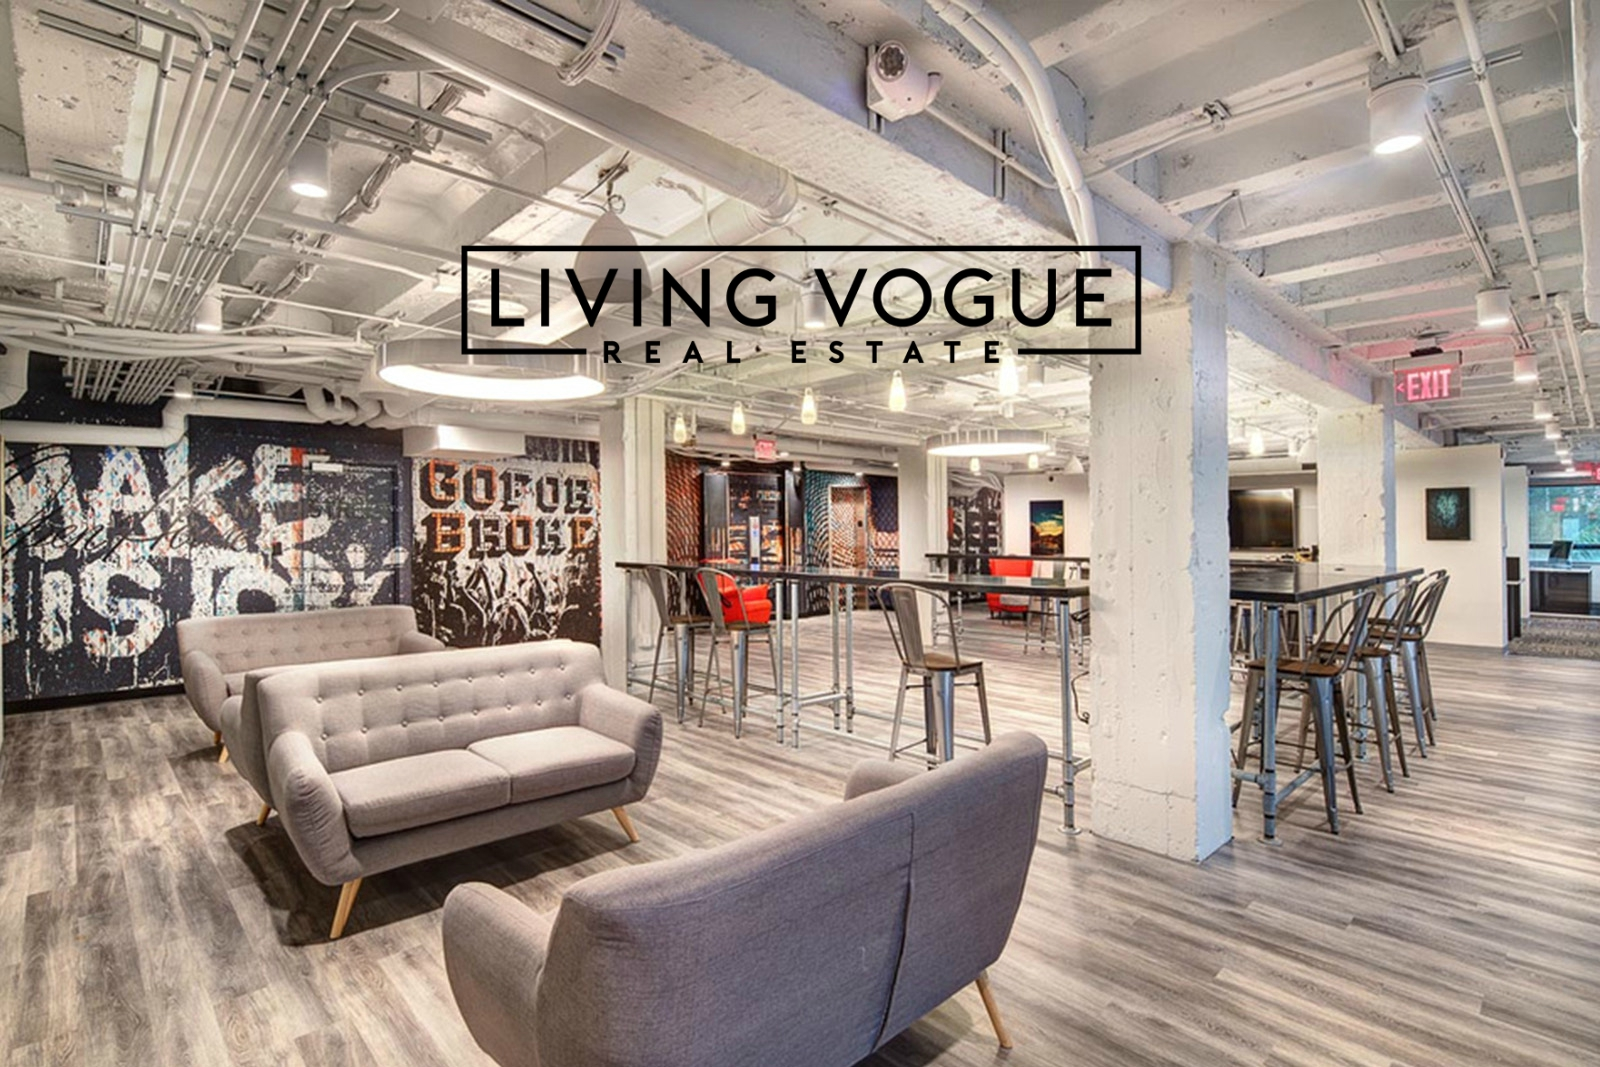 Living Vogue Real Estate image 0